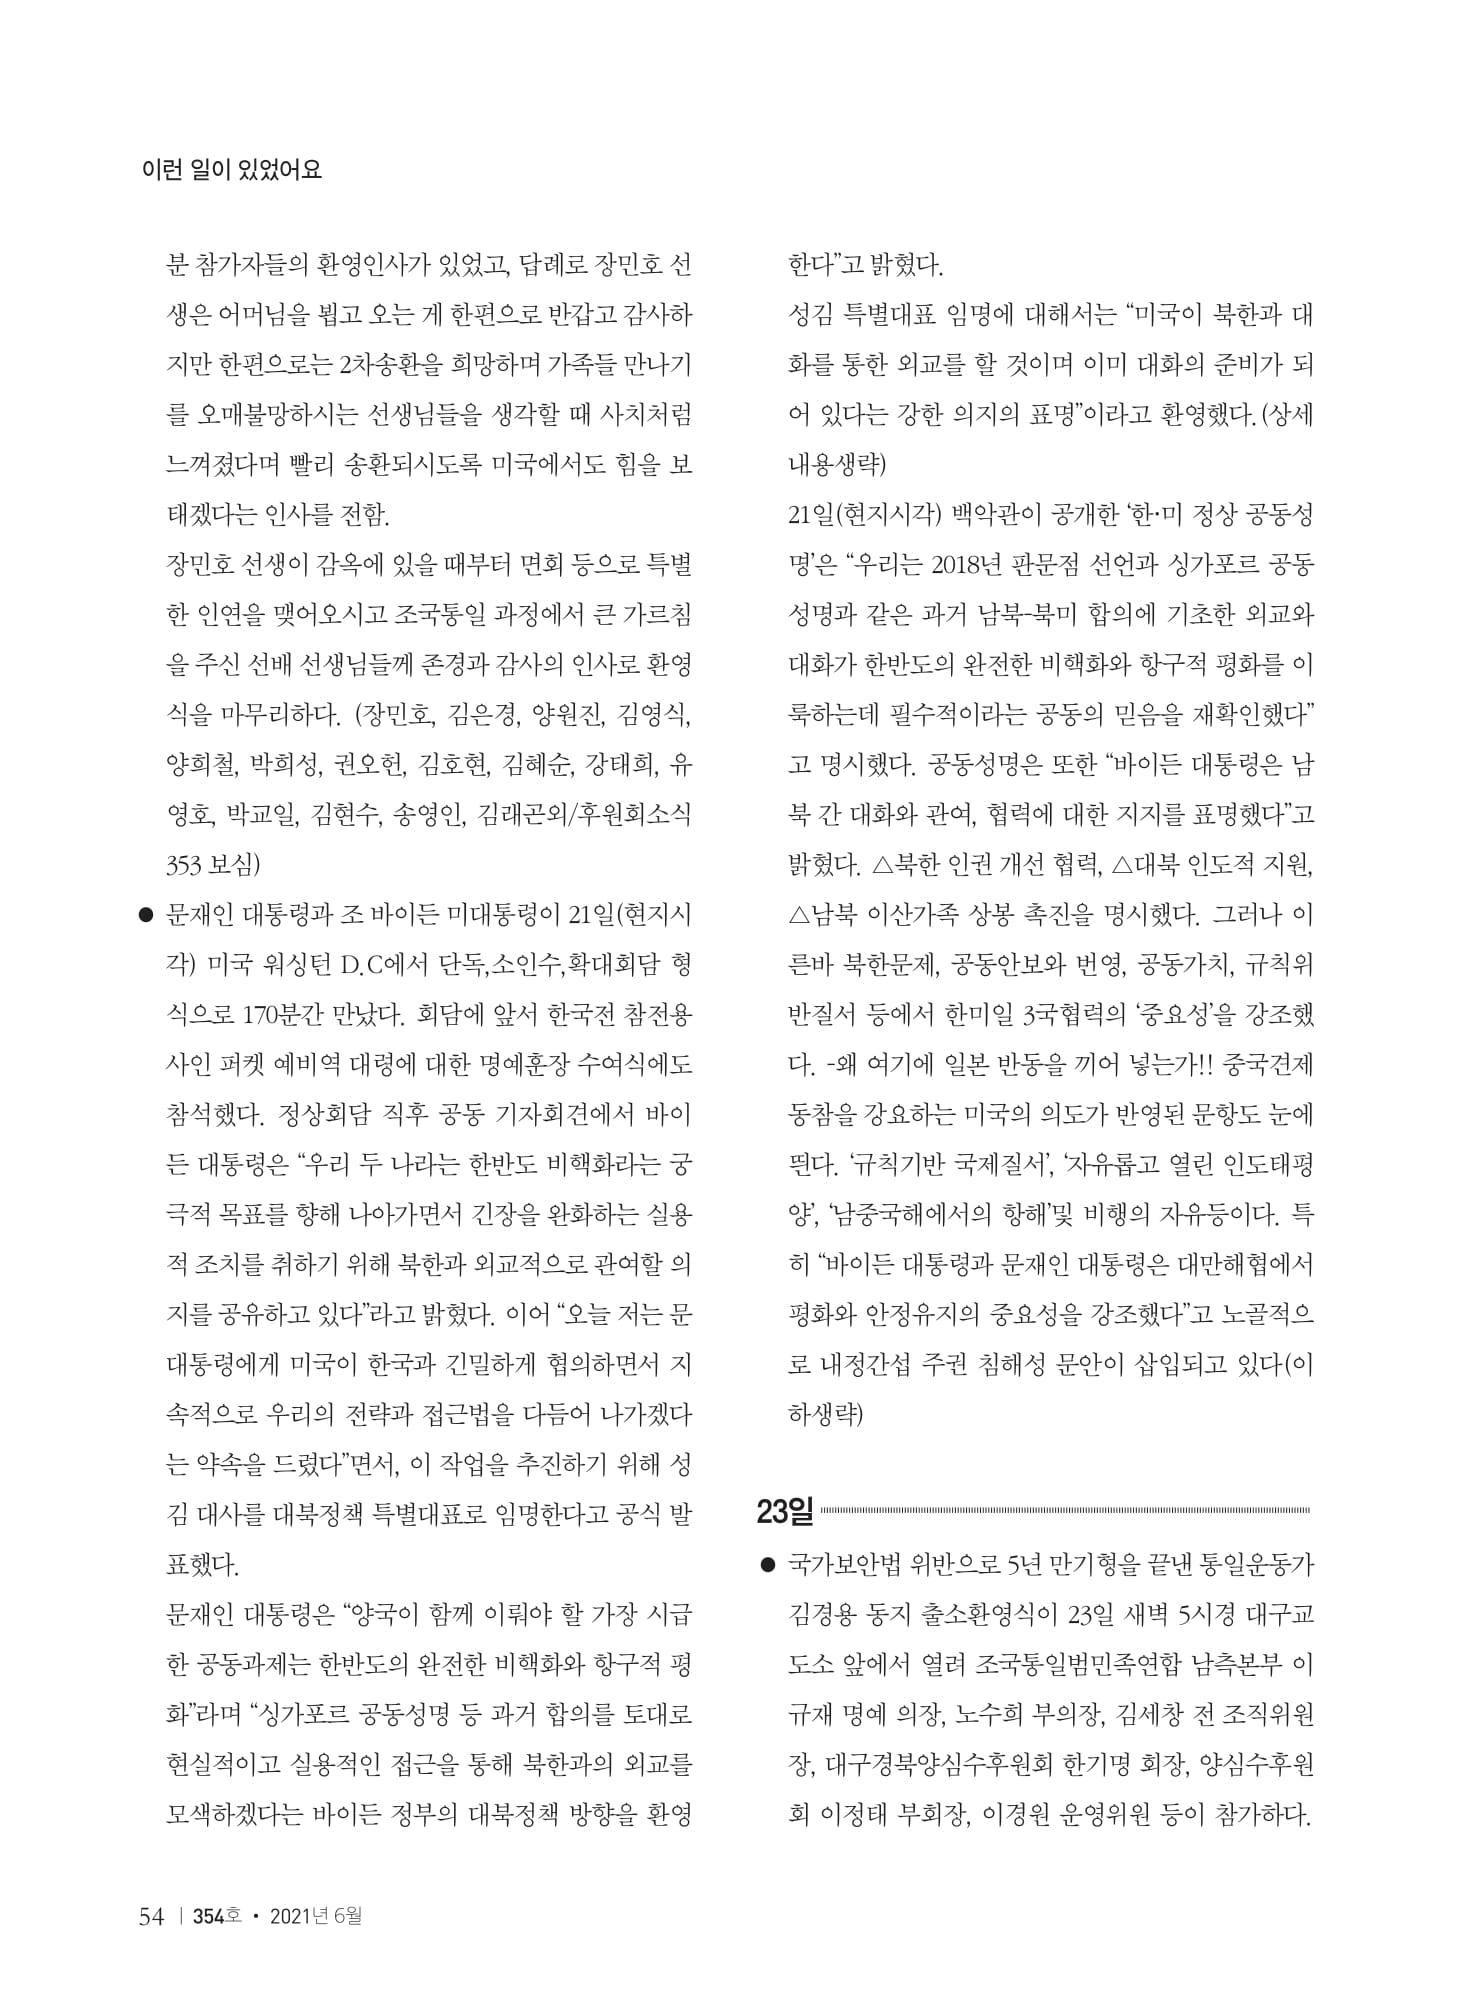 [양심수후원회] 소식지 354호 web 수정-56.jpg